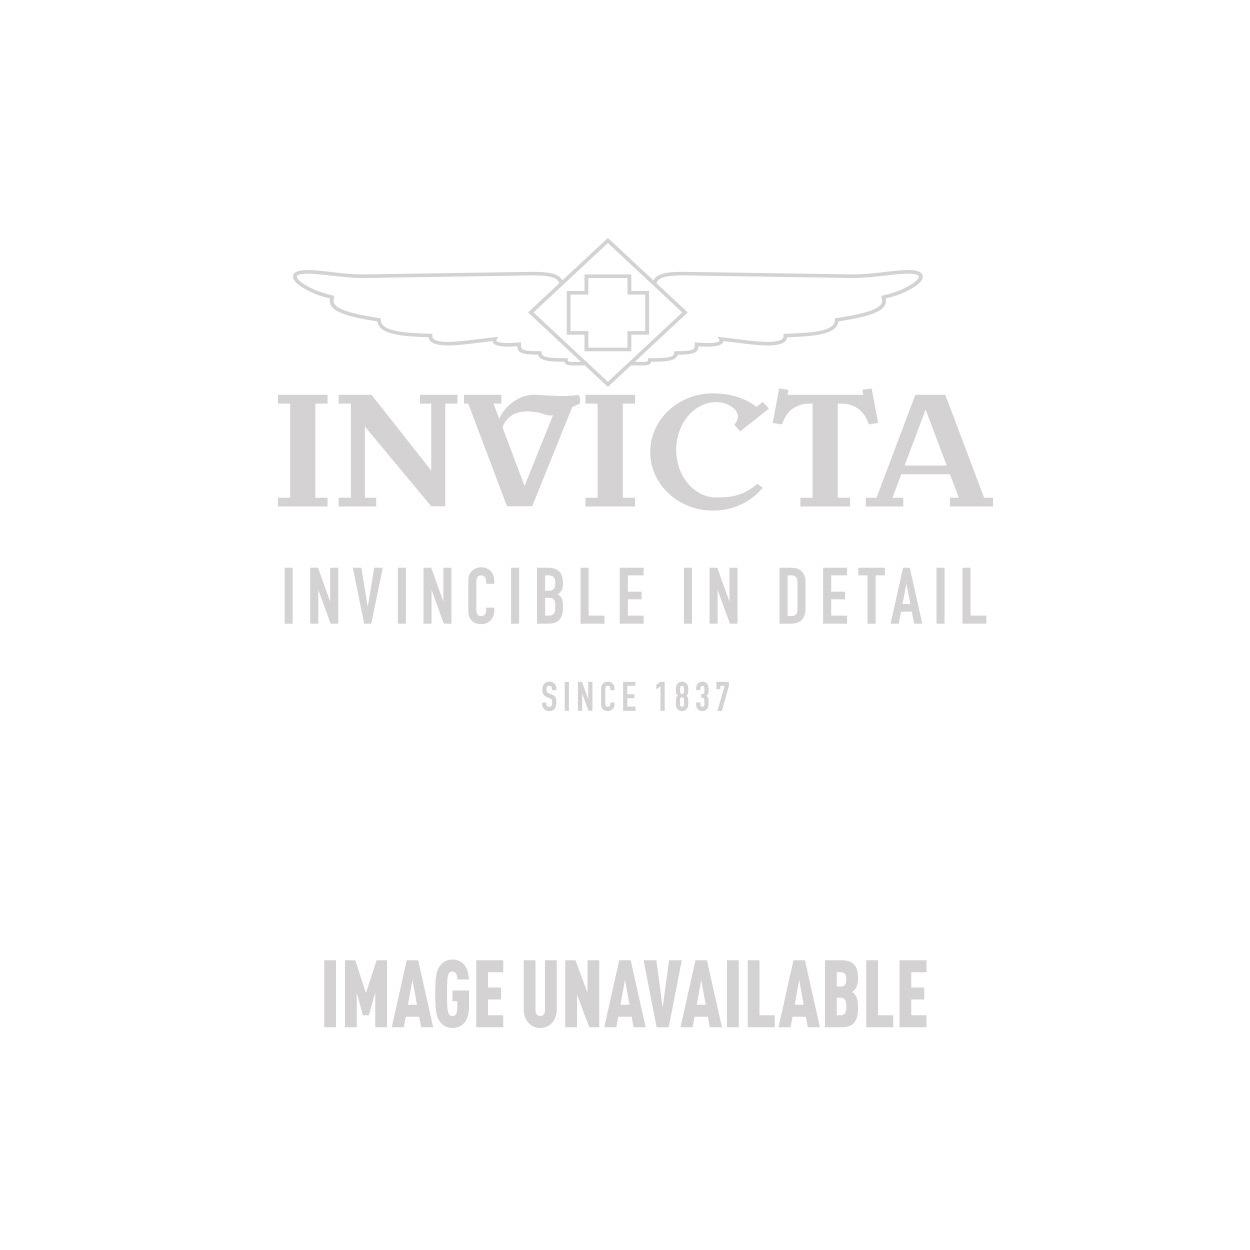 Invicta Model  25181